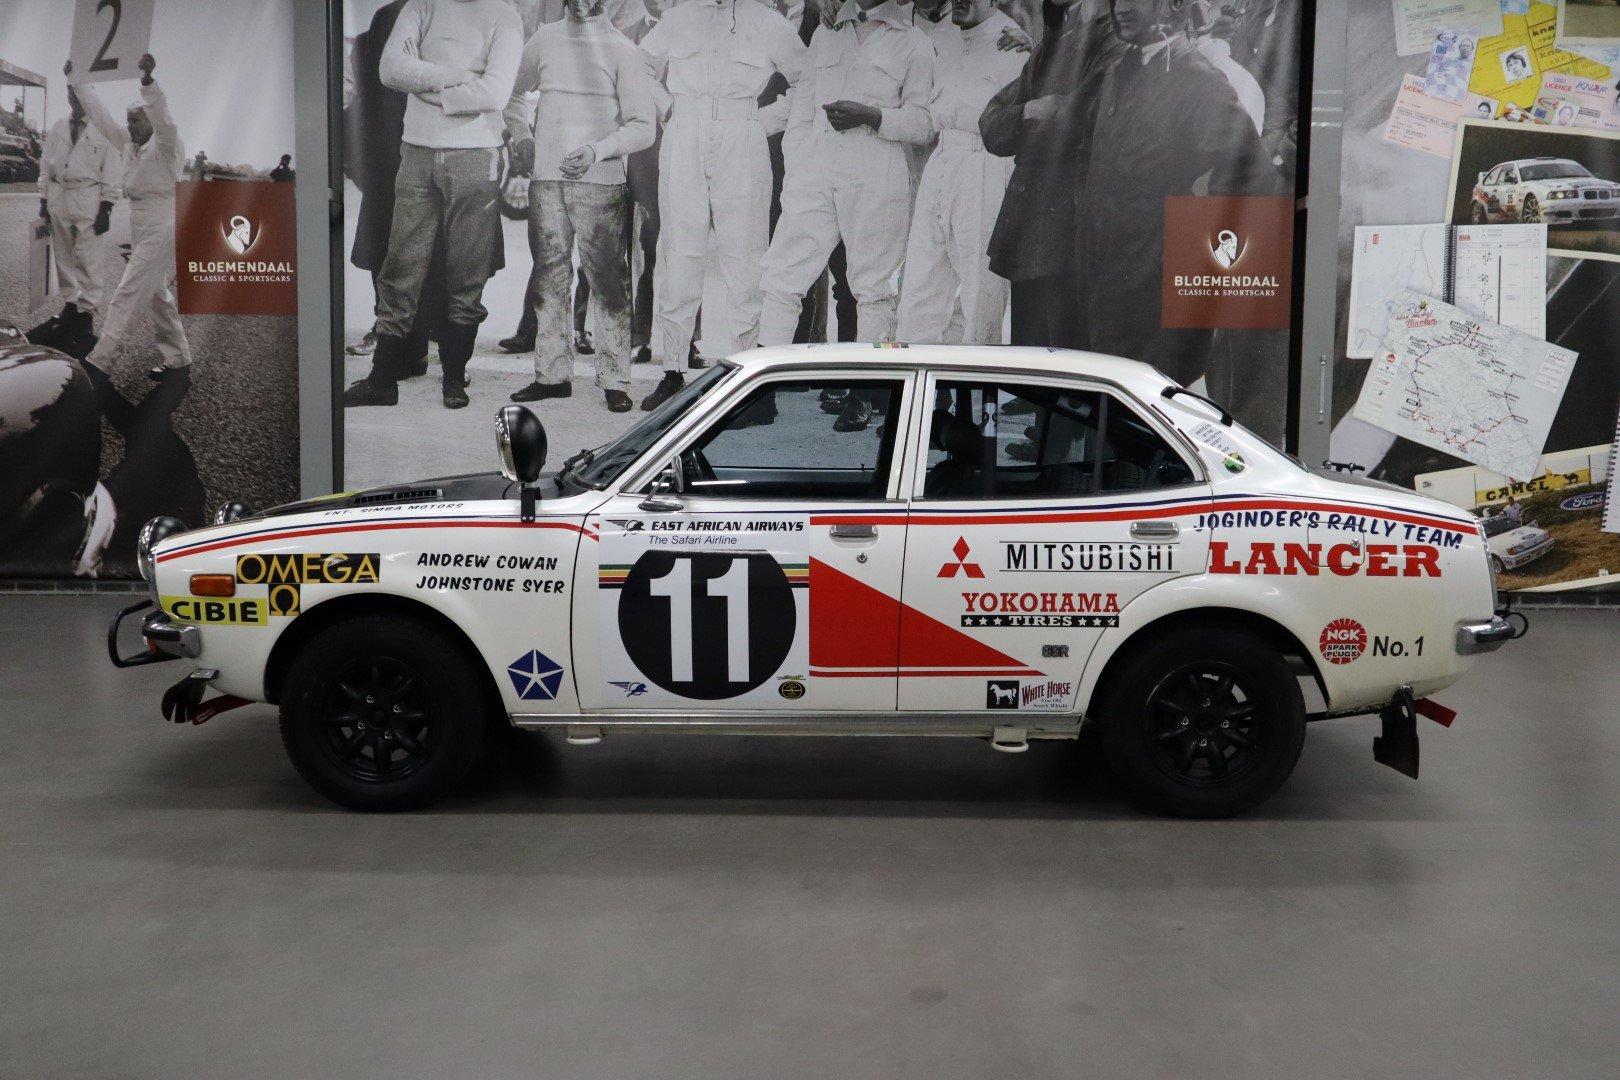 1977 Mitsubishi Lancer 1600 GSR Safari Rally For Sale (picture 4 of 12)